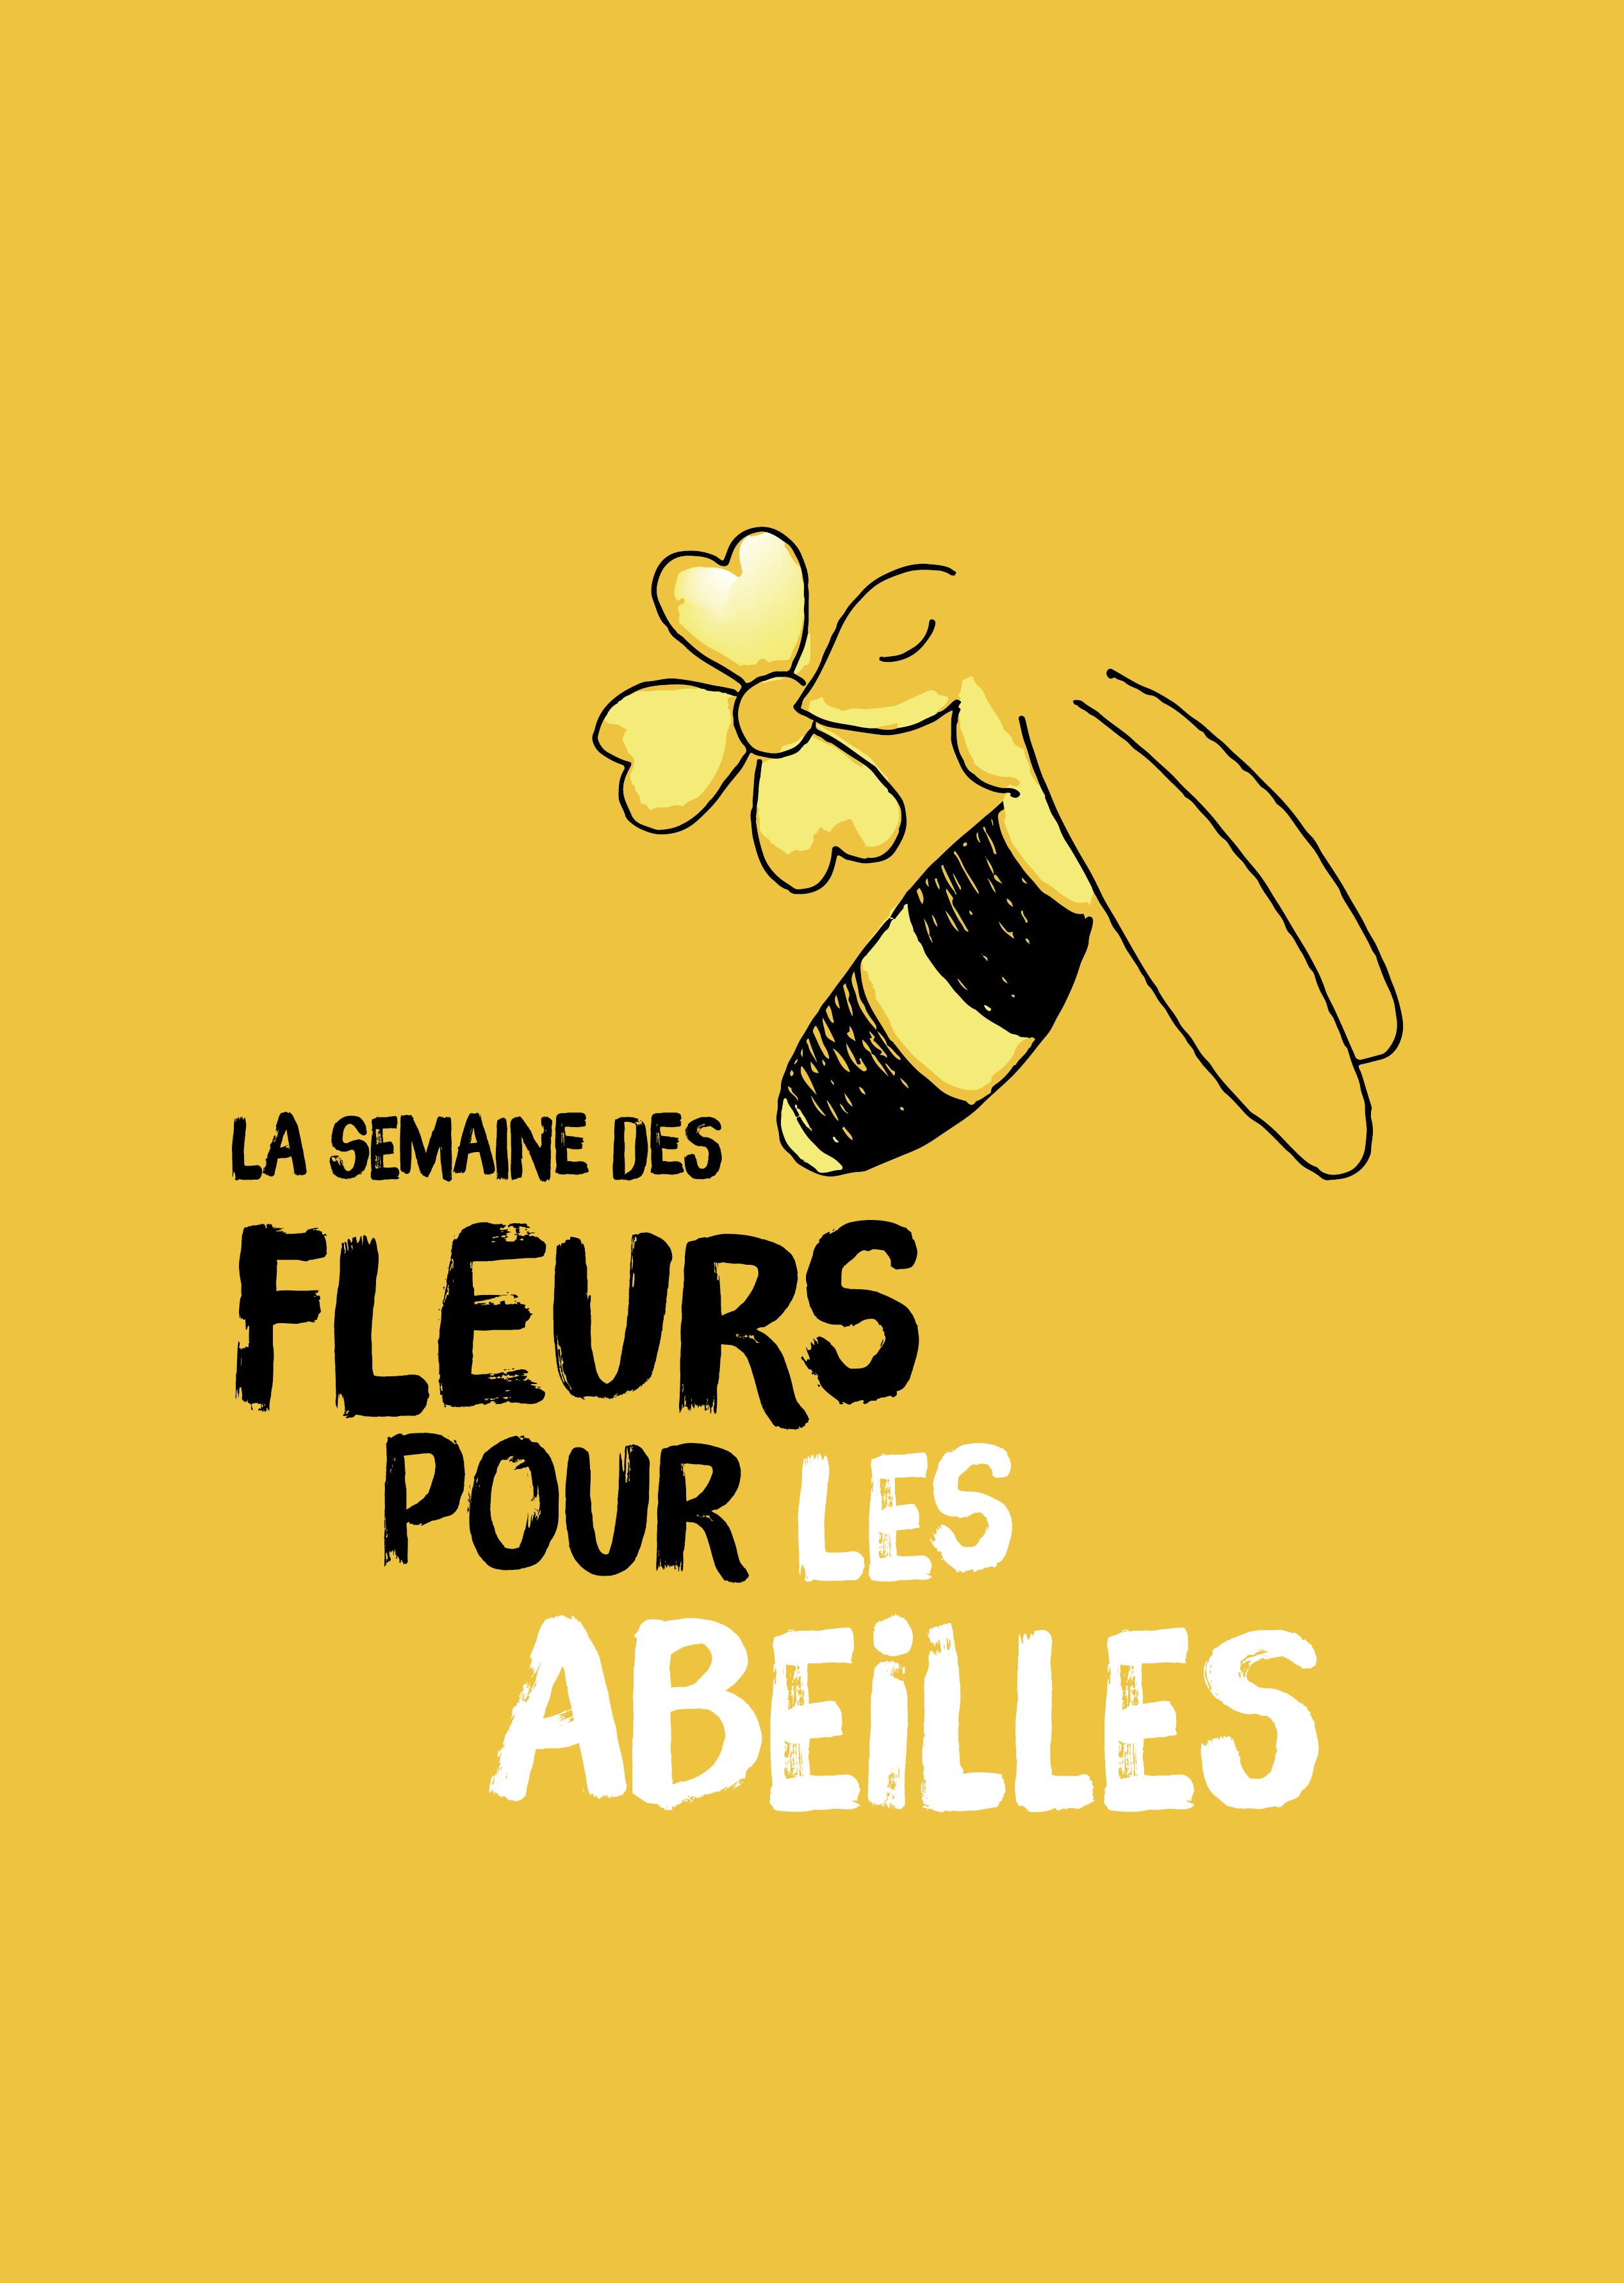 Semaine des fleurs pour les abeilles - logo